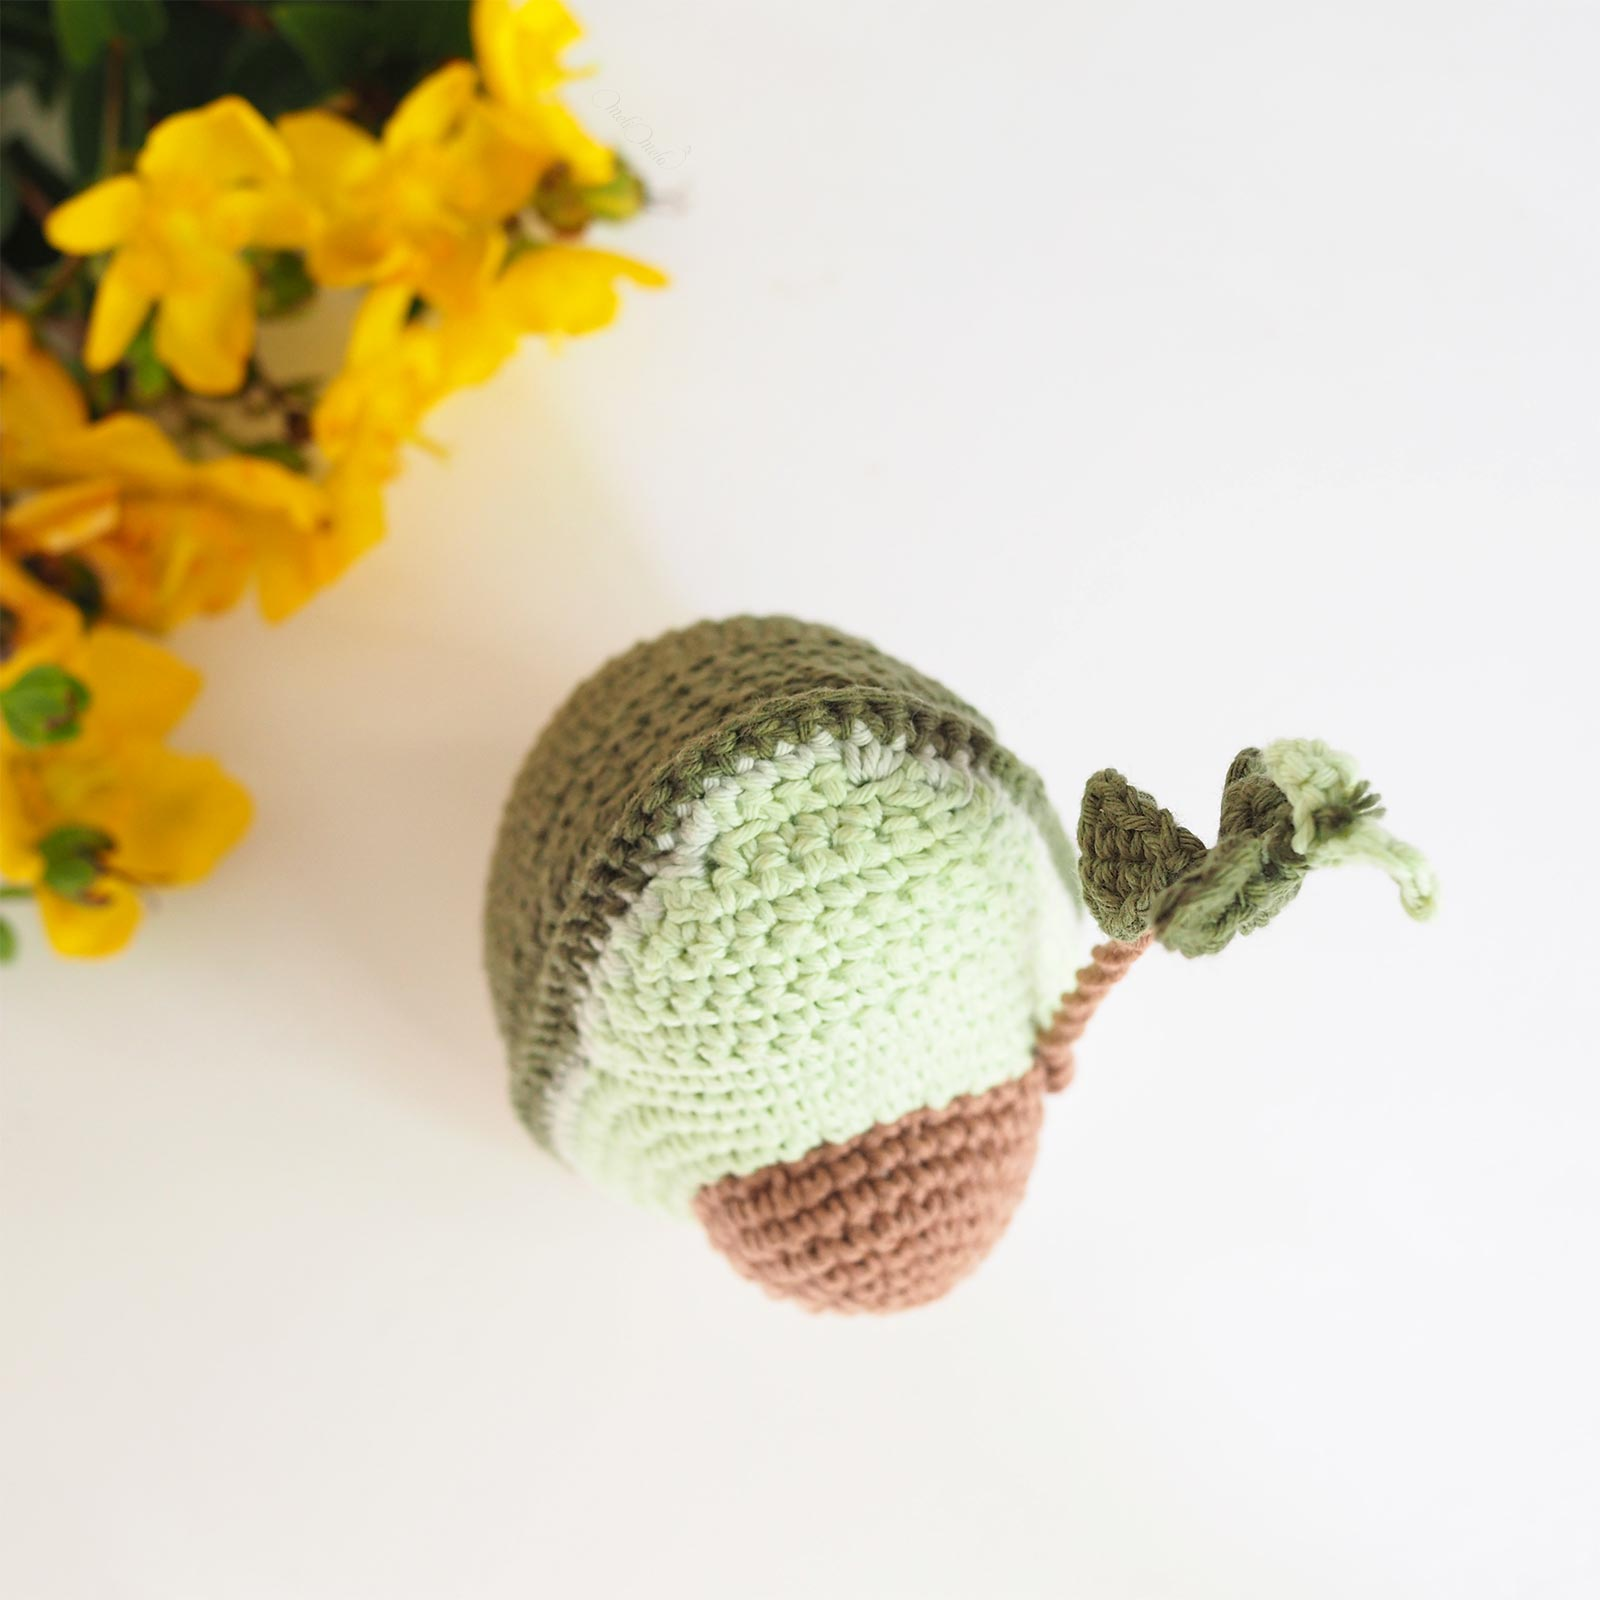 amigurumi crochet avocat avocado coton Ricorumi laboutiquedemelimelo